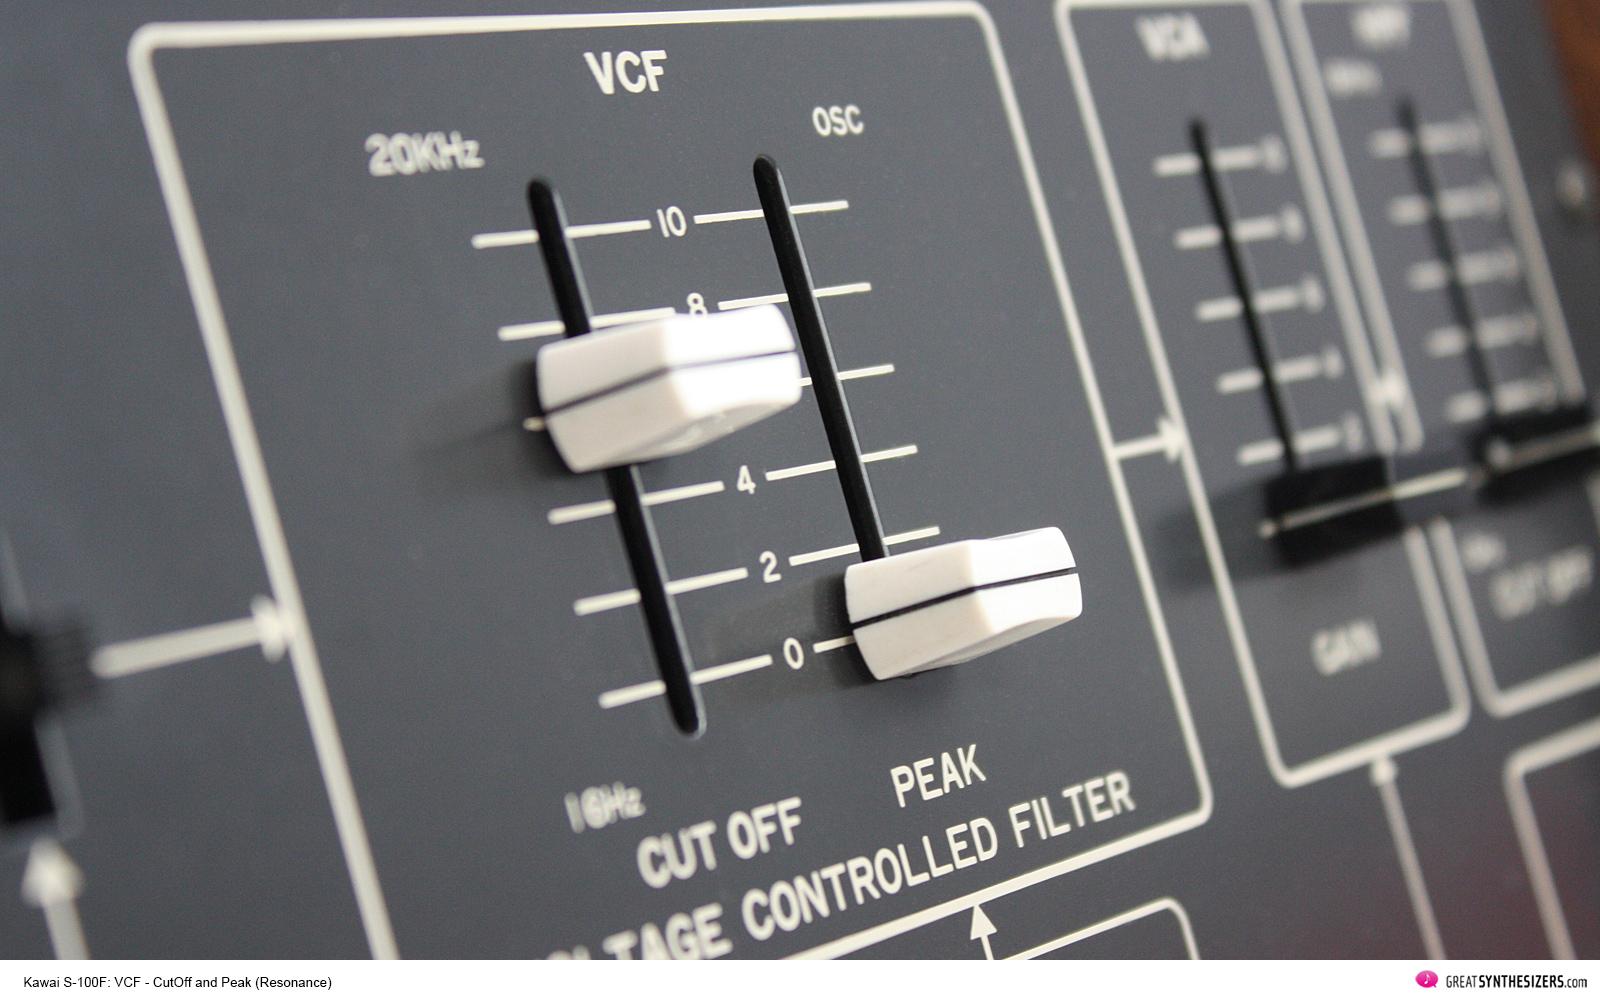 Kawai S-100F / Teisco S-100F Synthesizer